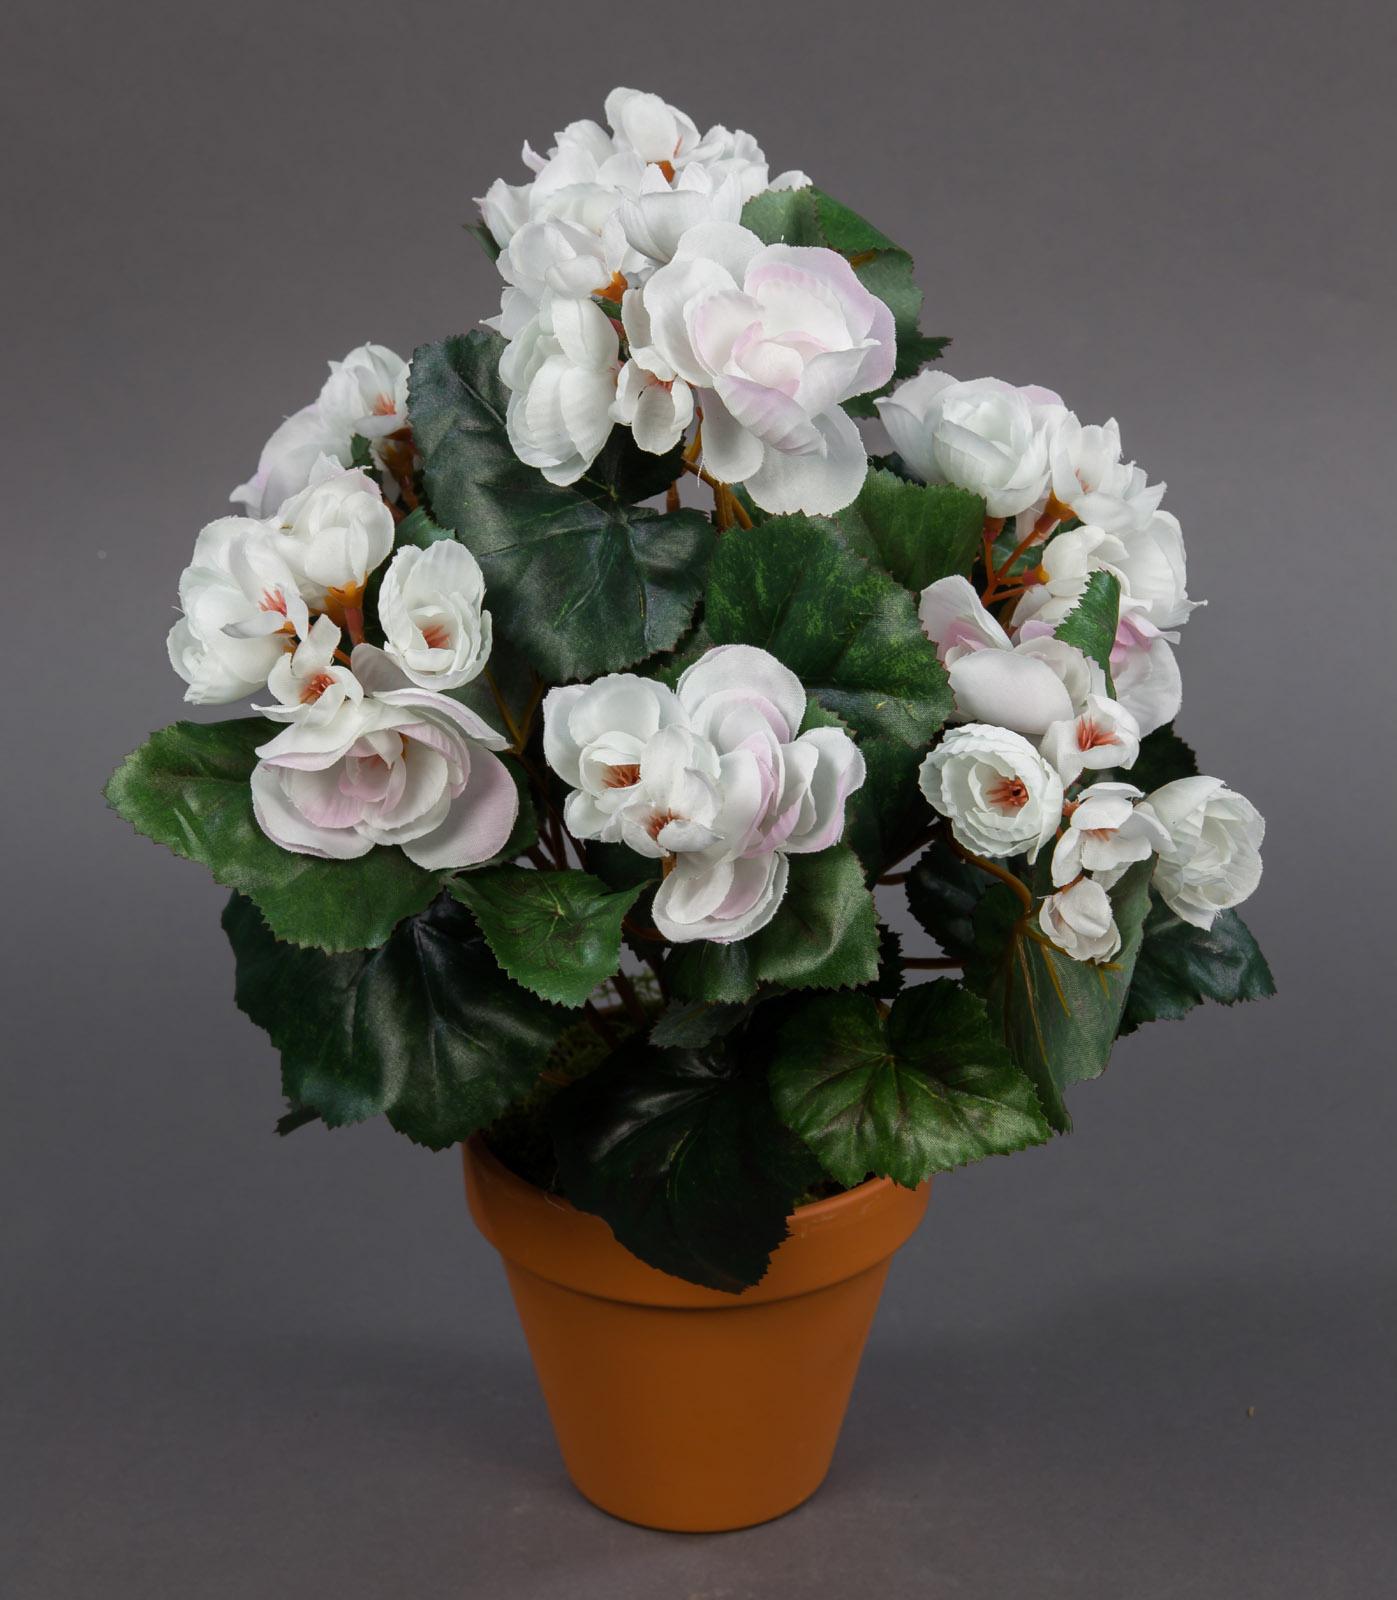 begonie 34cm wei pf kunstpflanzen k nstliche blumen pflanzen kunstblumen ebay. Black Bedroom Furniture Sets. Home Design Ideas